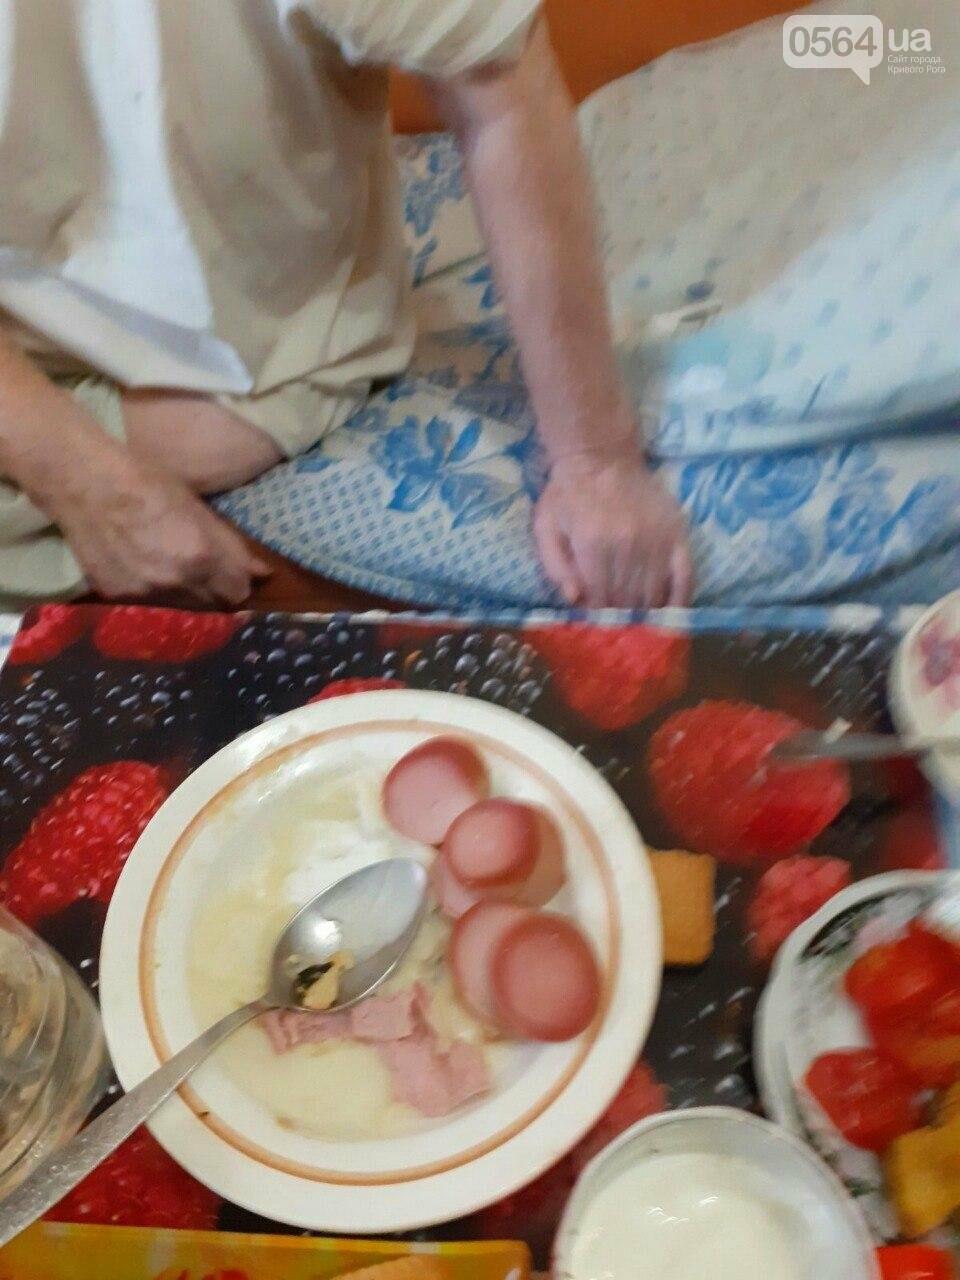 В Кривом Роге старушка, у которой ампутирована нога, днем и ночью без присмотра находится одна в запертой квартире, - ФОТО, фото-7